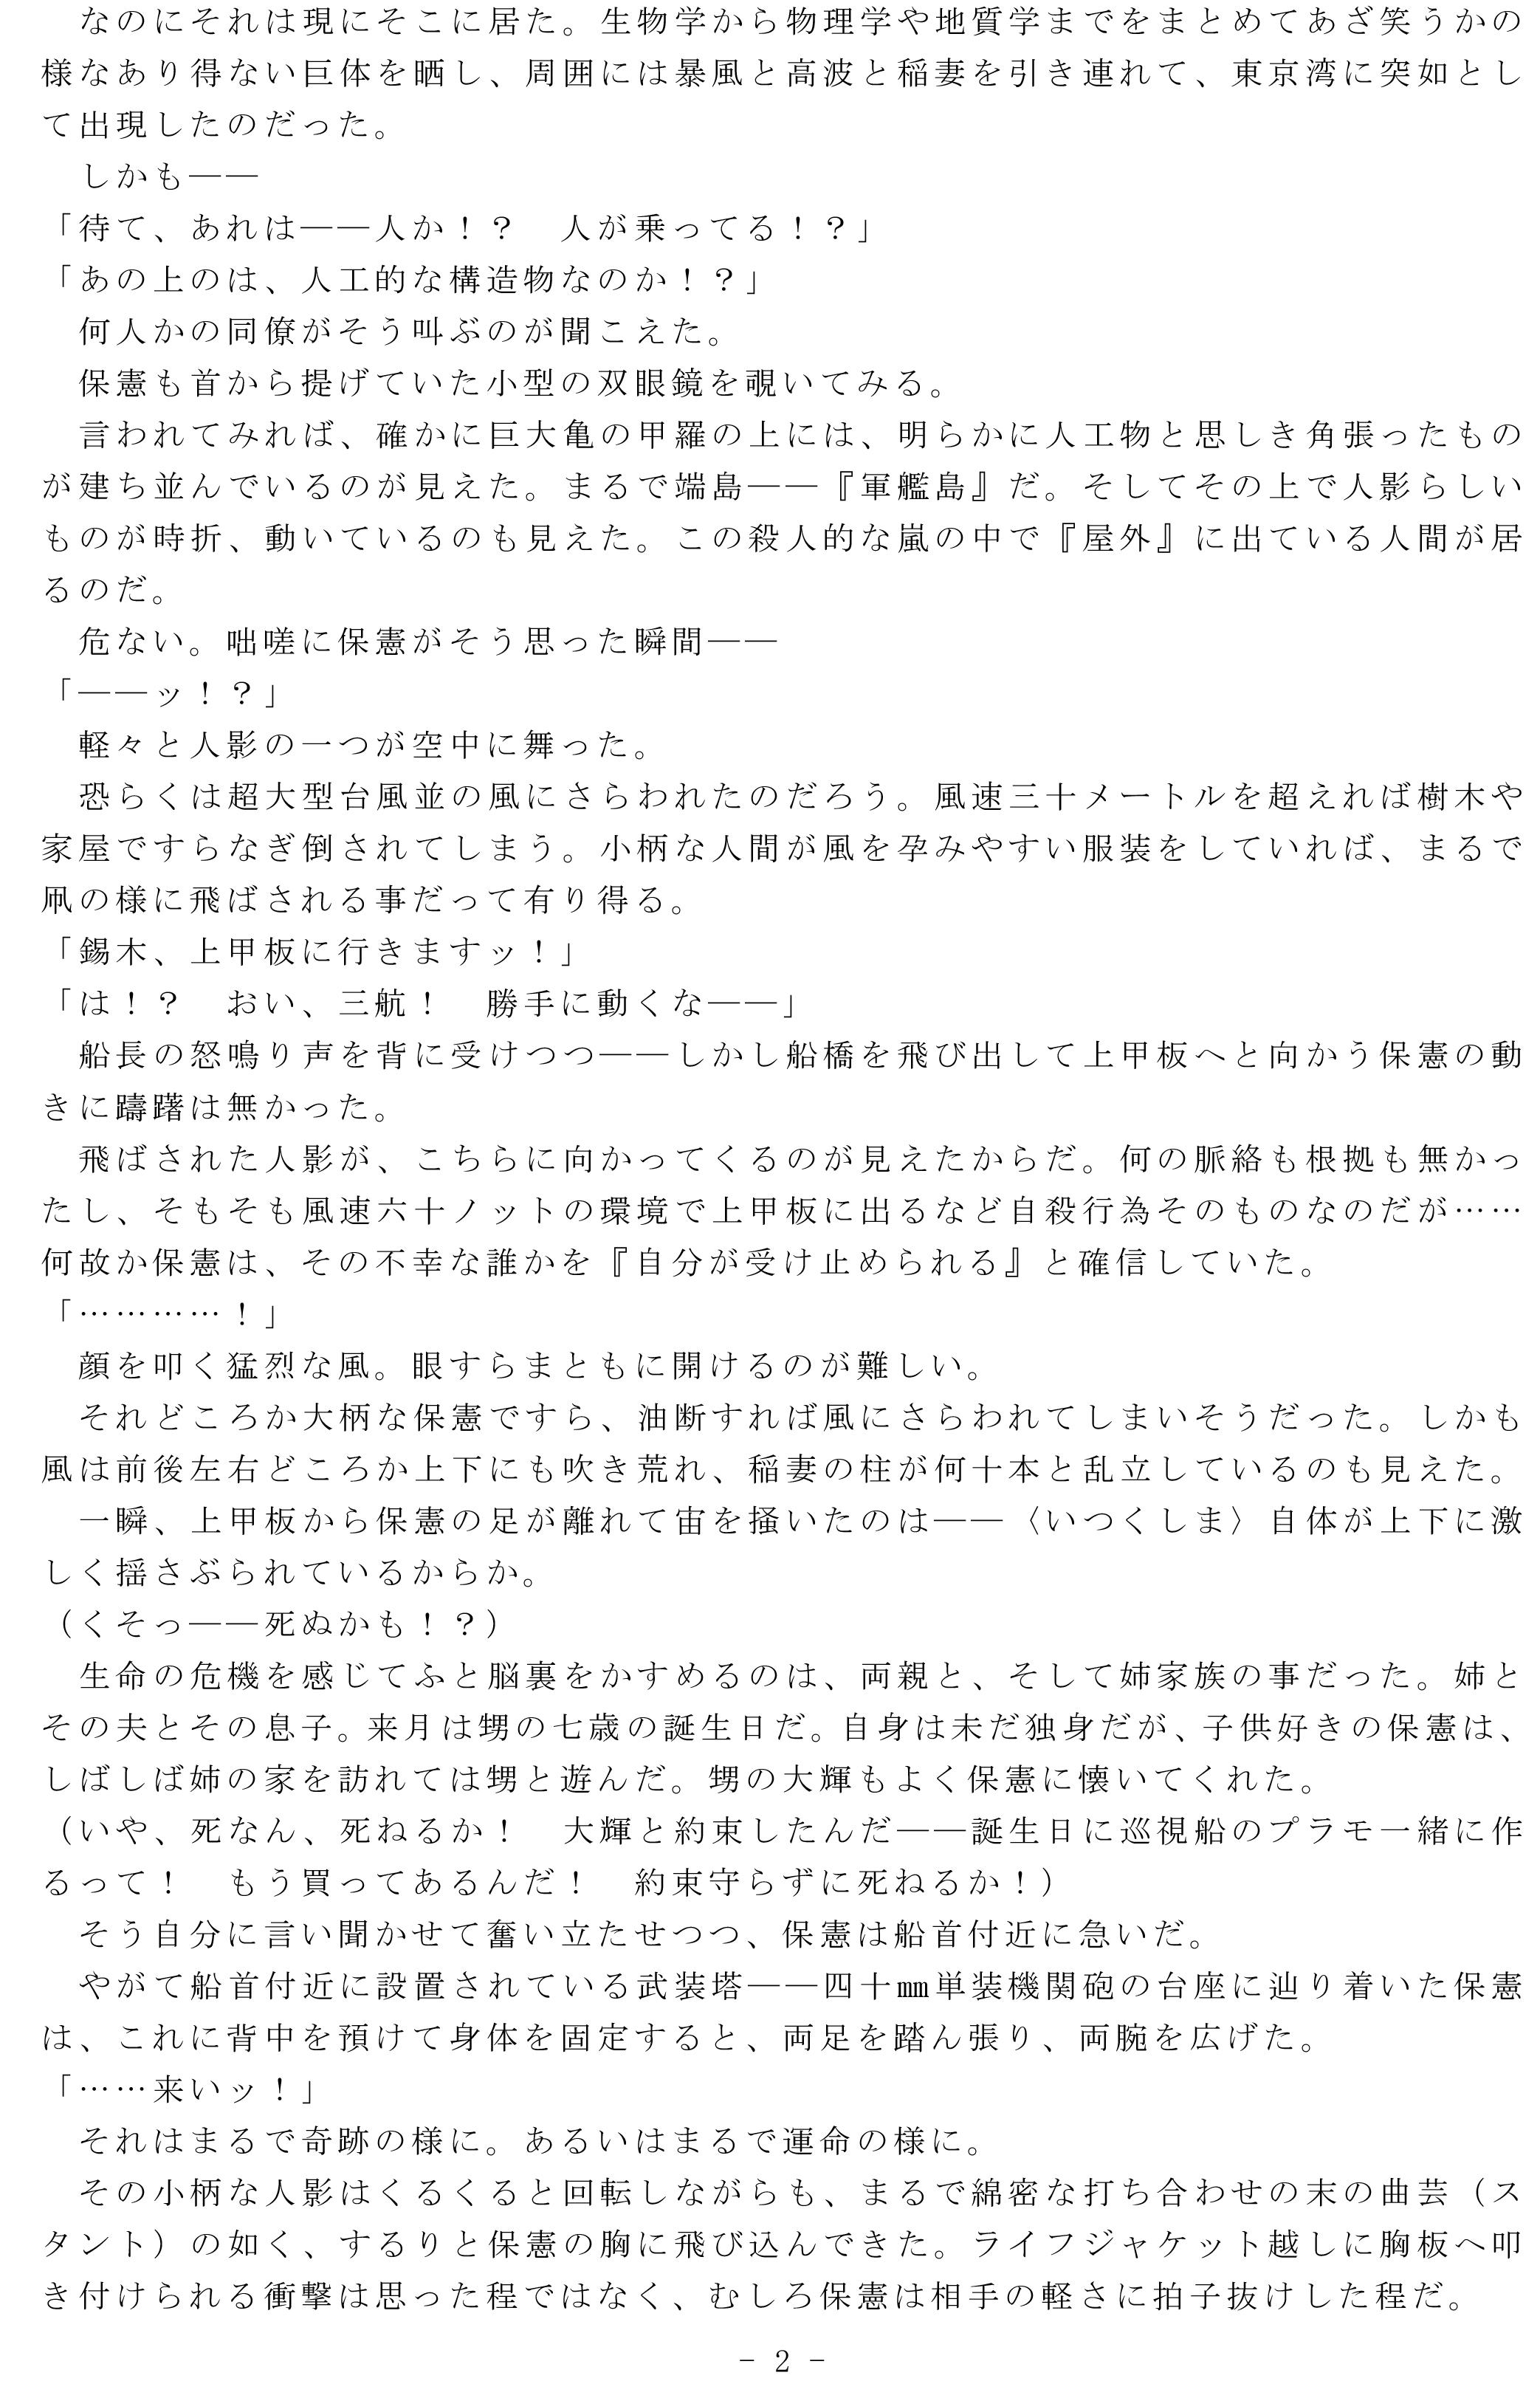 yomeyome_SP_SS_2